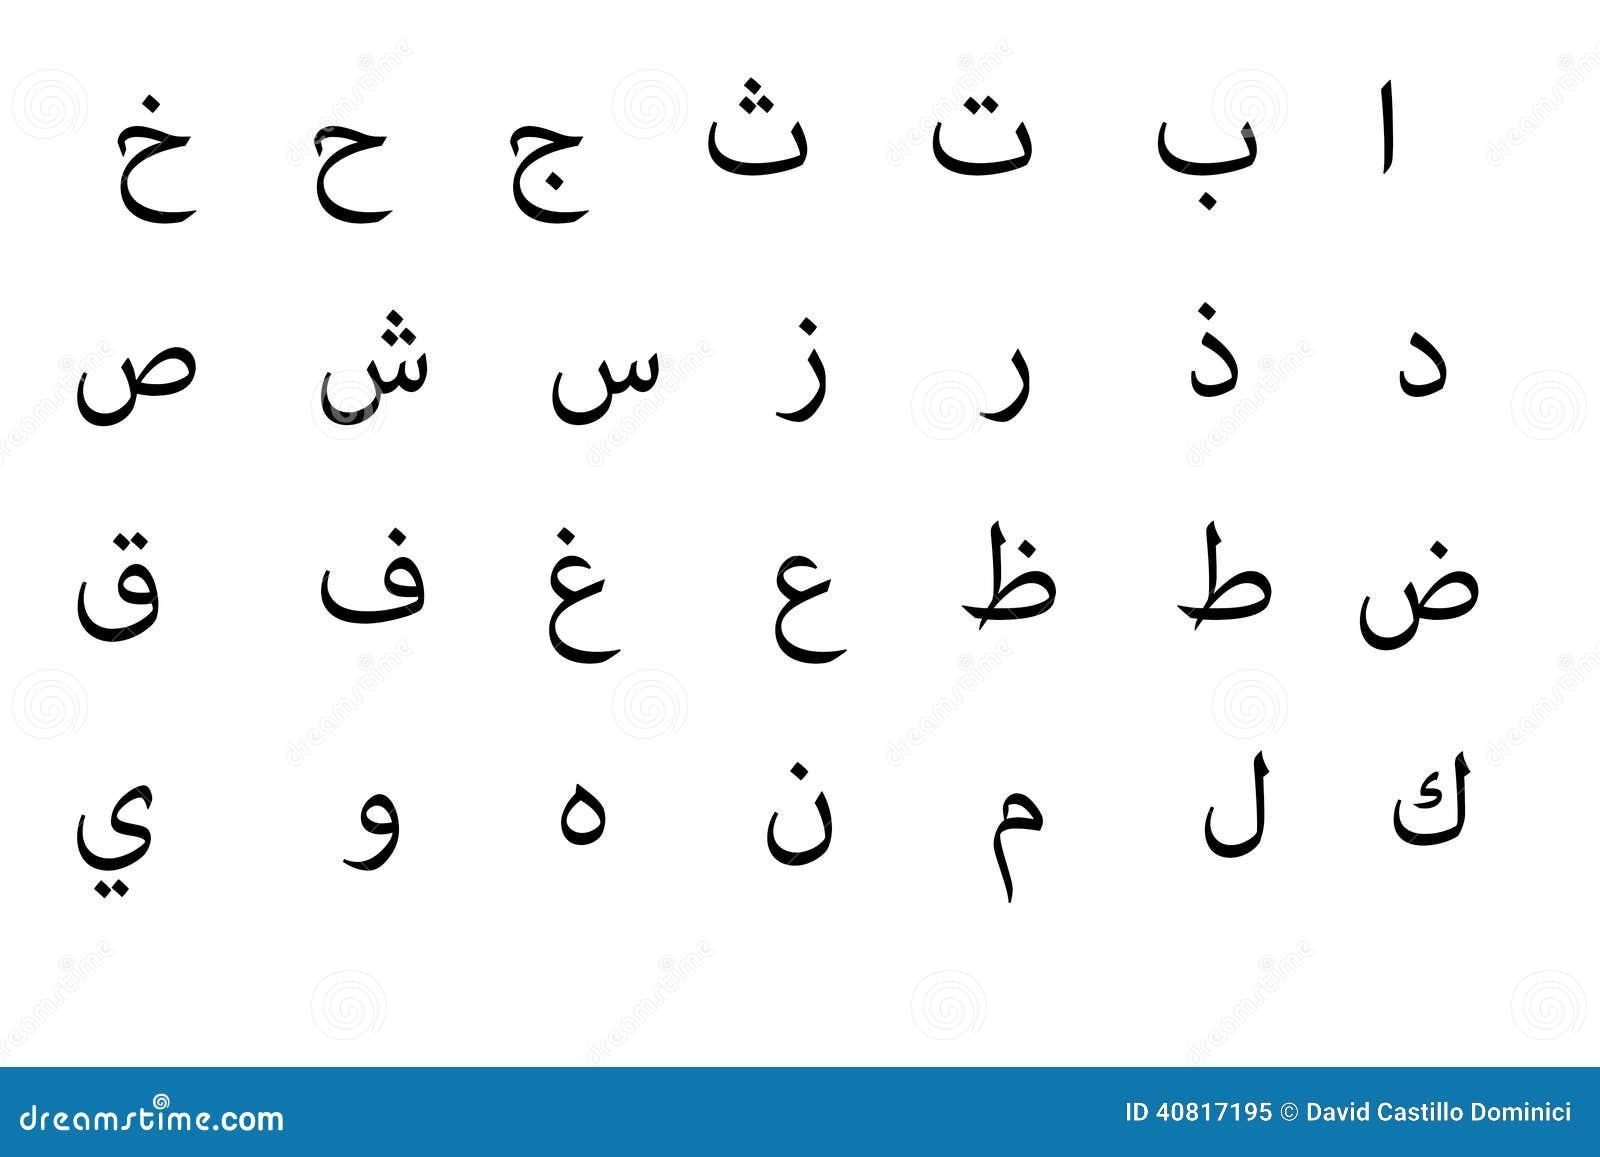 letter h worksheets preschool